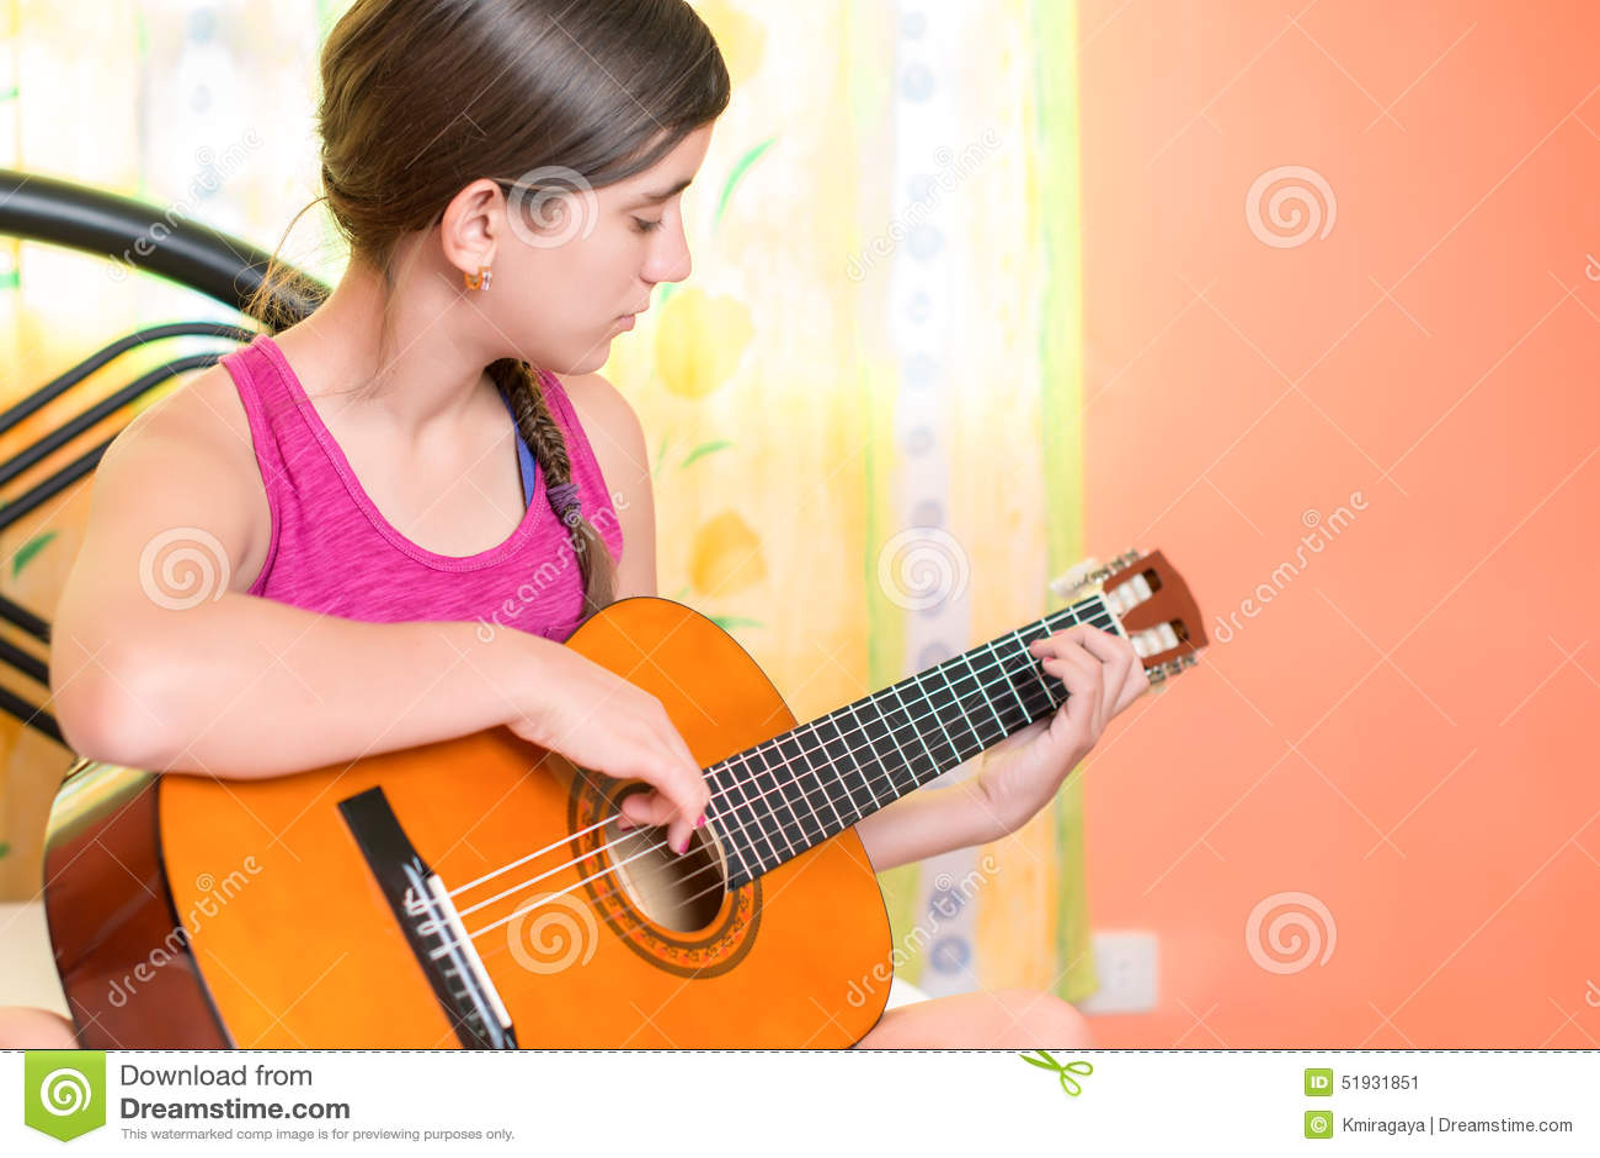 几岁_在家弹吉他的西班牙十几岁的女孩